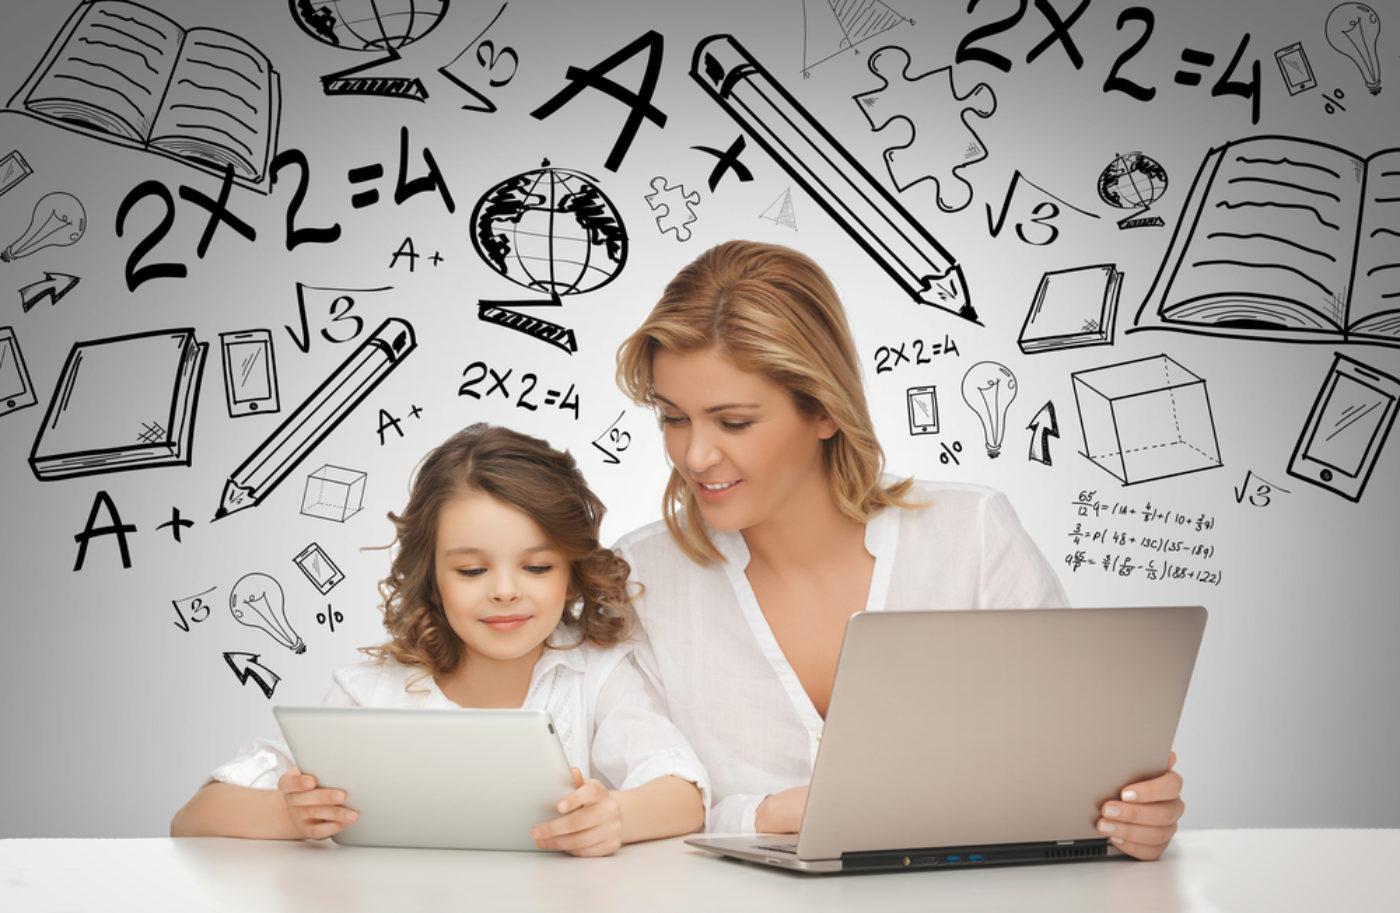 Мероприятия: Семейный день в Компьютерной школе Hillel в Харькове